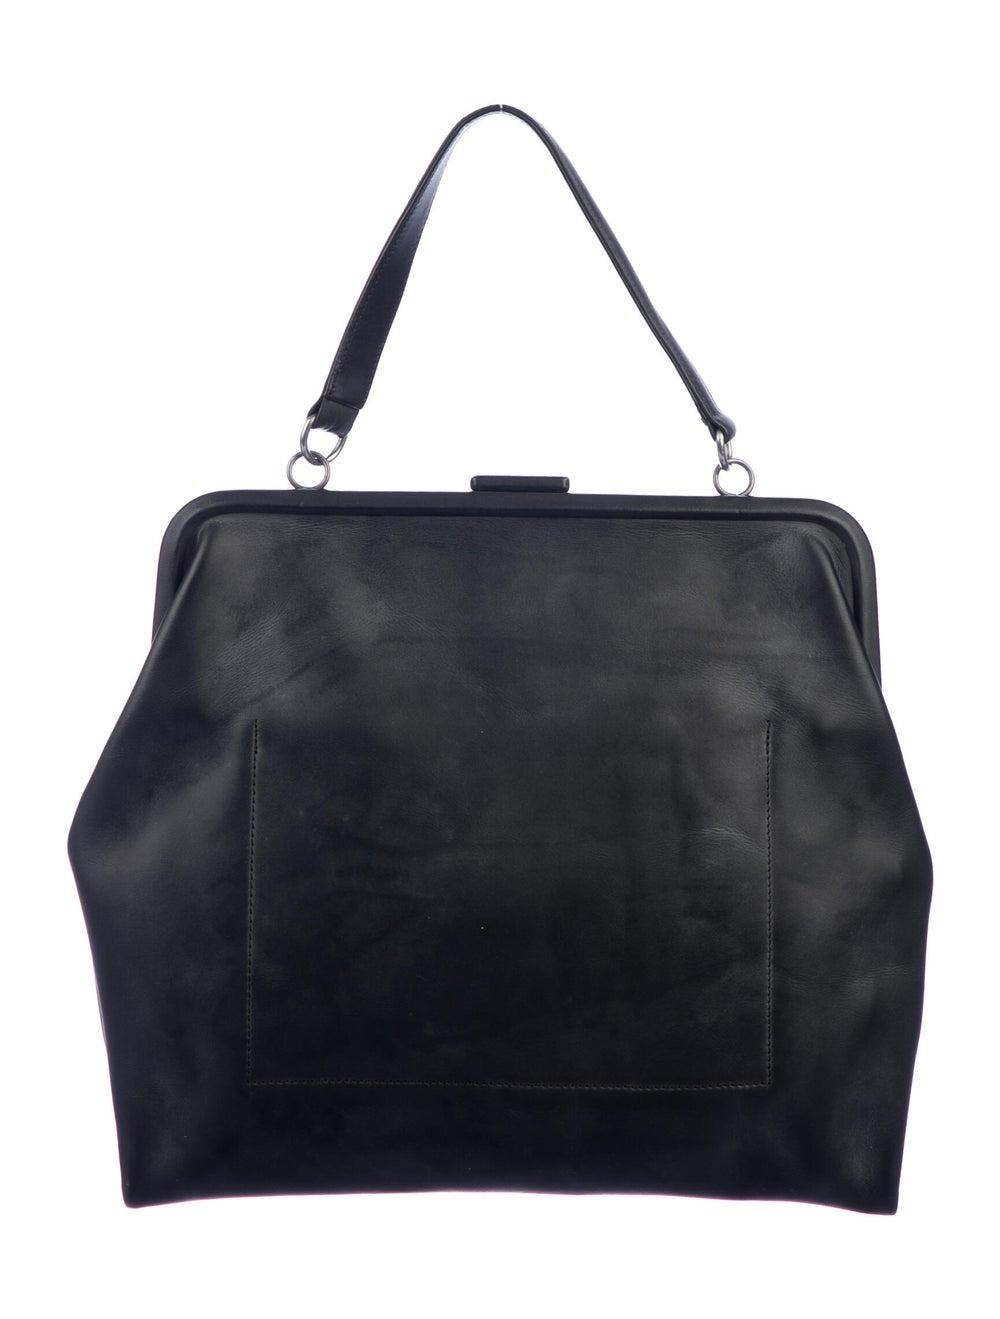 Isaac Reina Leather Radical Satchel Black - image 4